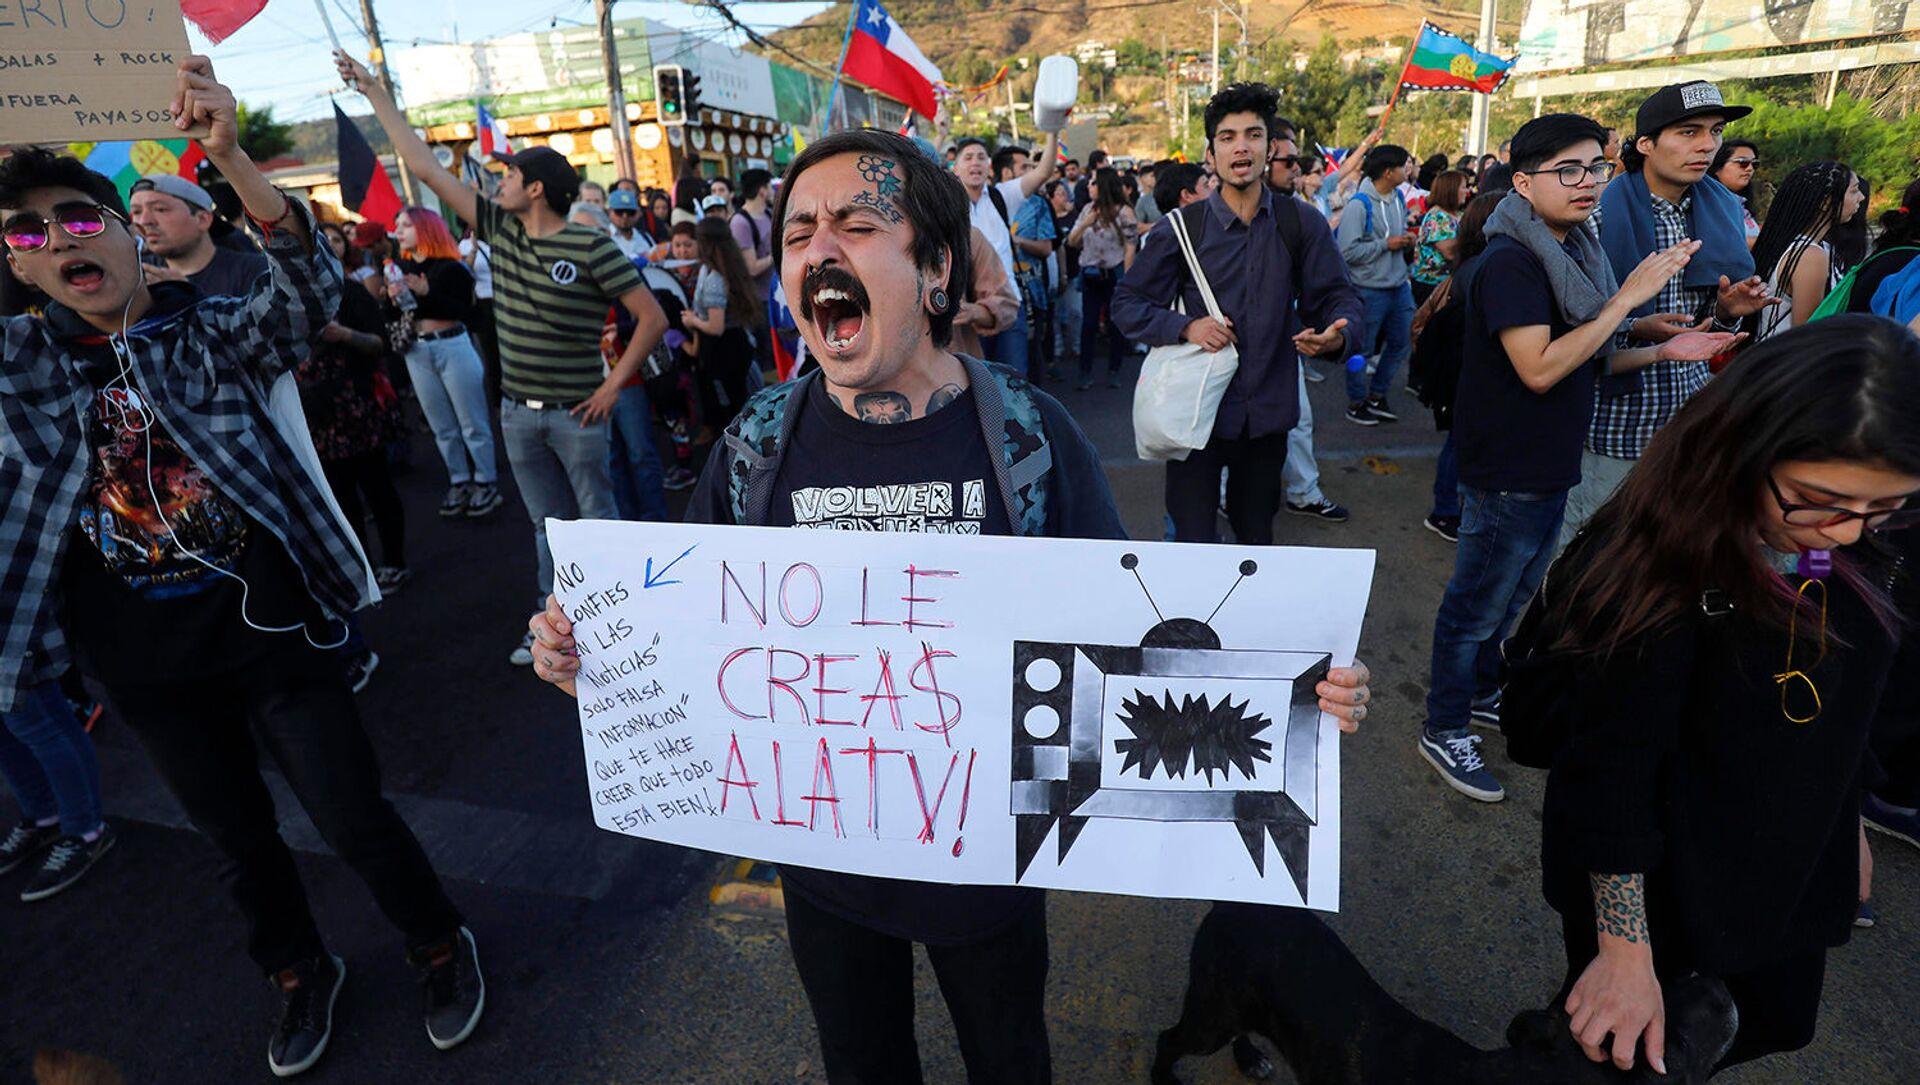 Manifestación de protesta en Chile - No le creas a la TV - Sputnik Mundo, 1920, 23.01.2020